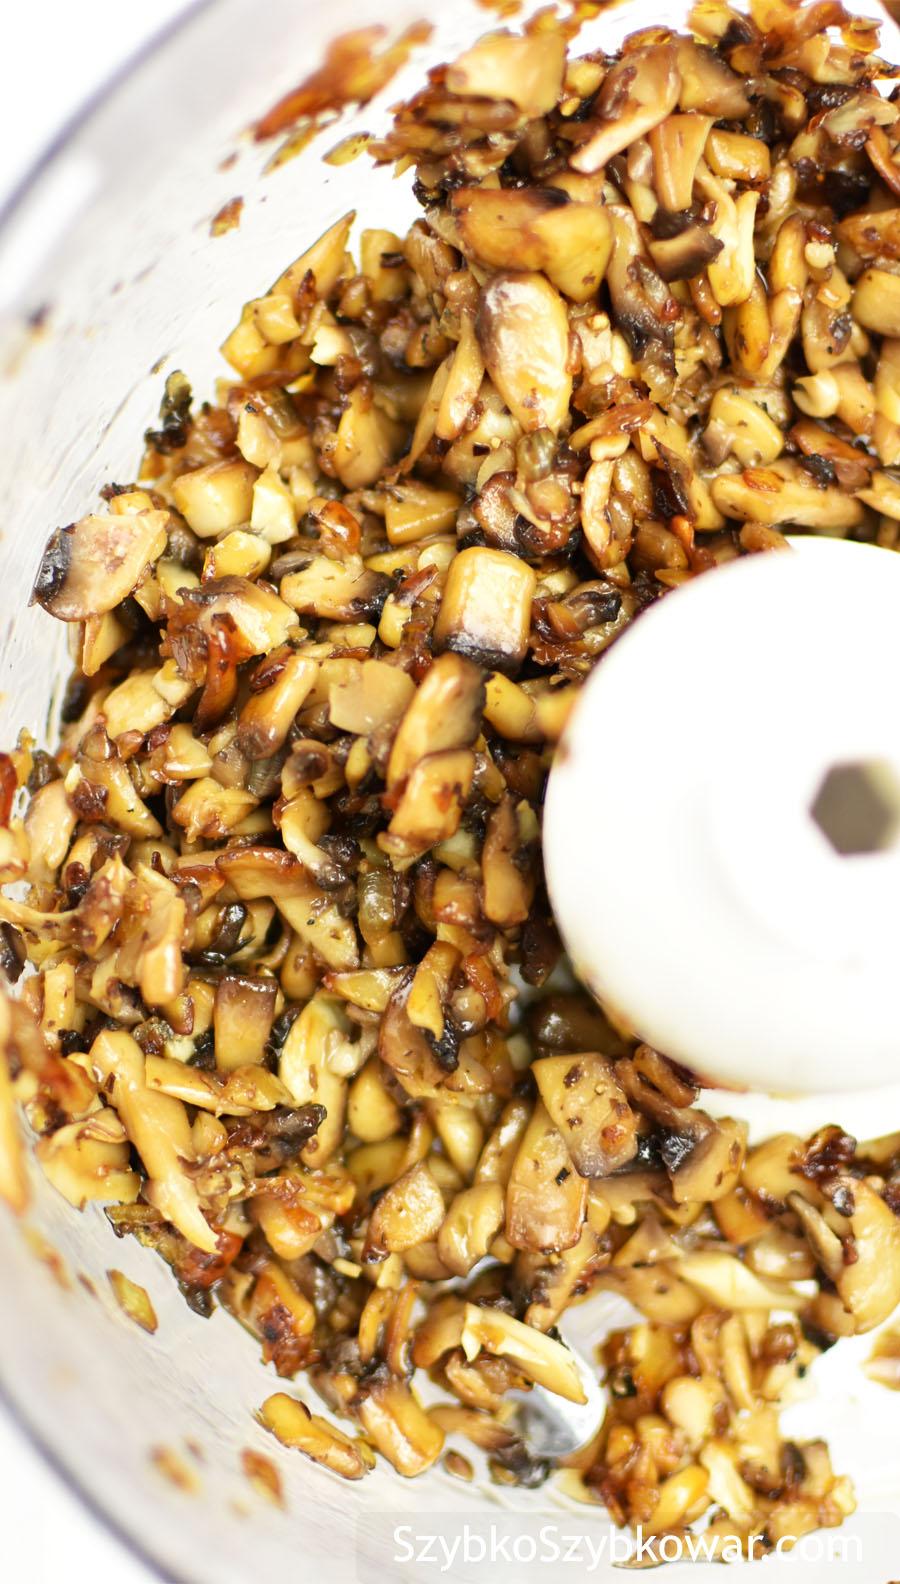 Nieznacznie rozdrobione grzybki z cebulką,